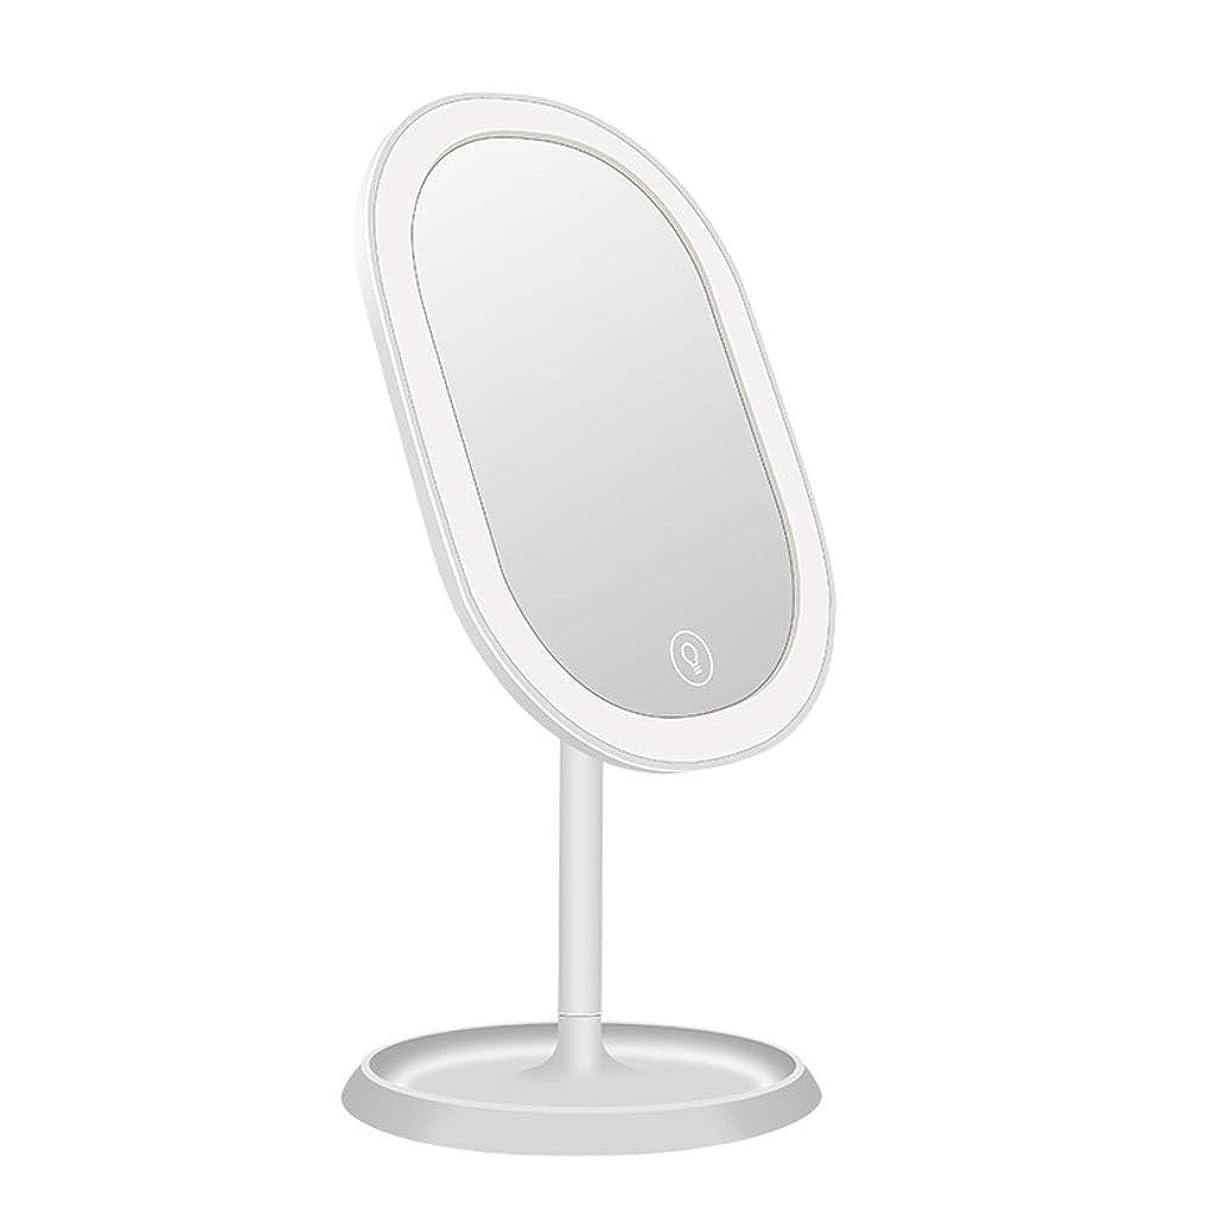 ビヨン光電なめるHD化粧鏡 - スマート3トーンの光が白いランプデスクトップストレージ補助光の贈り物ミラーと化粧鏡を導きました (色 : 白い)